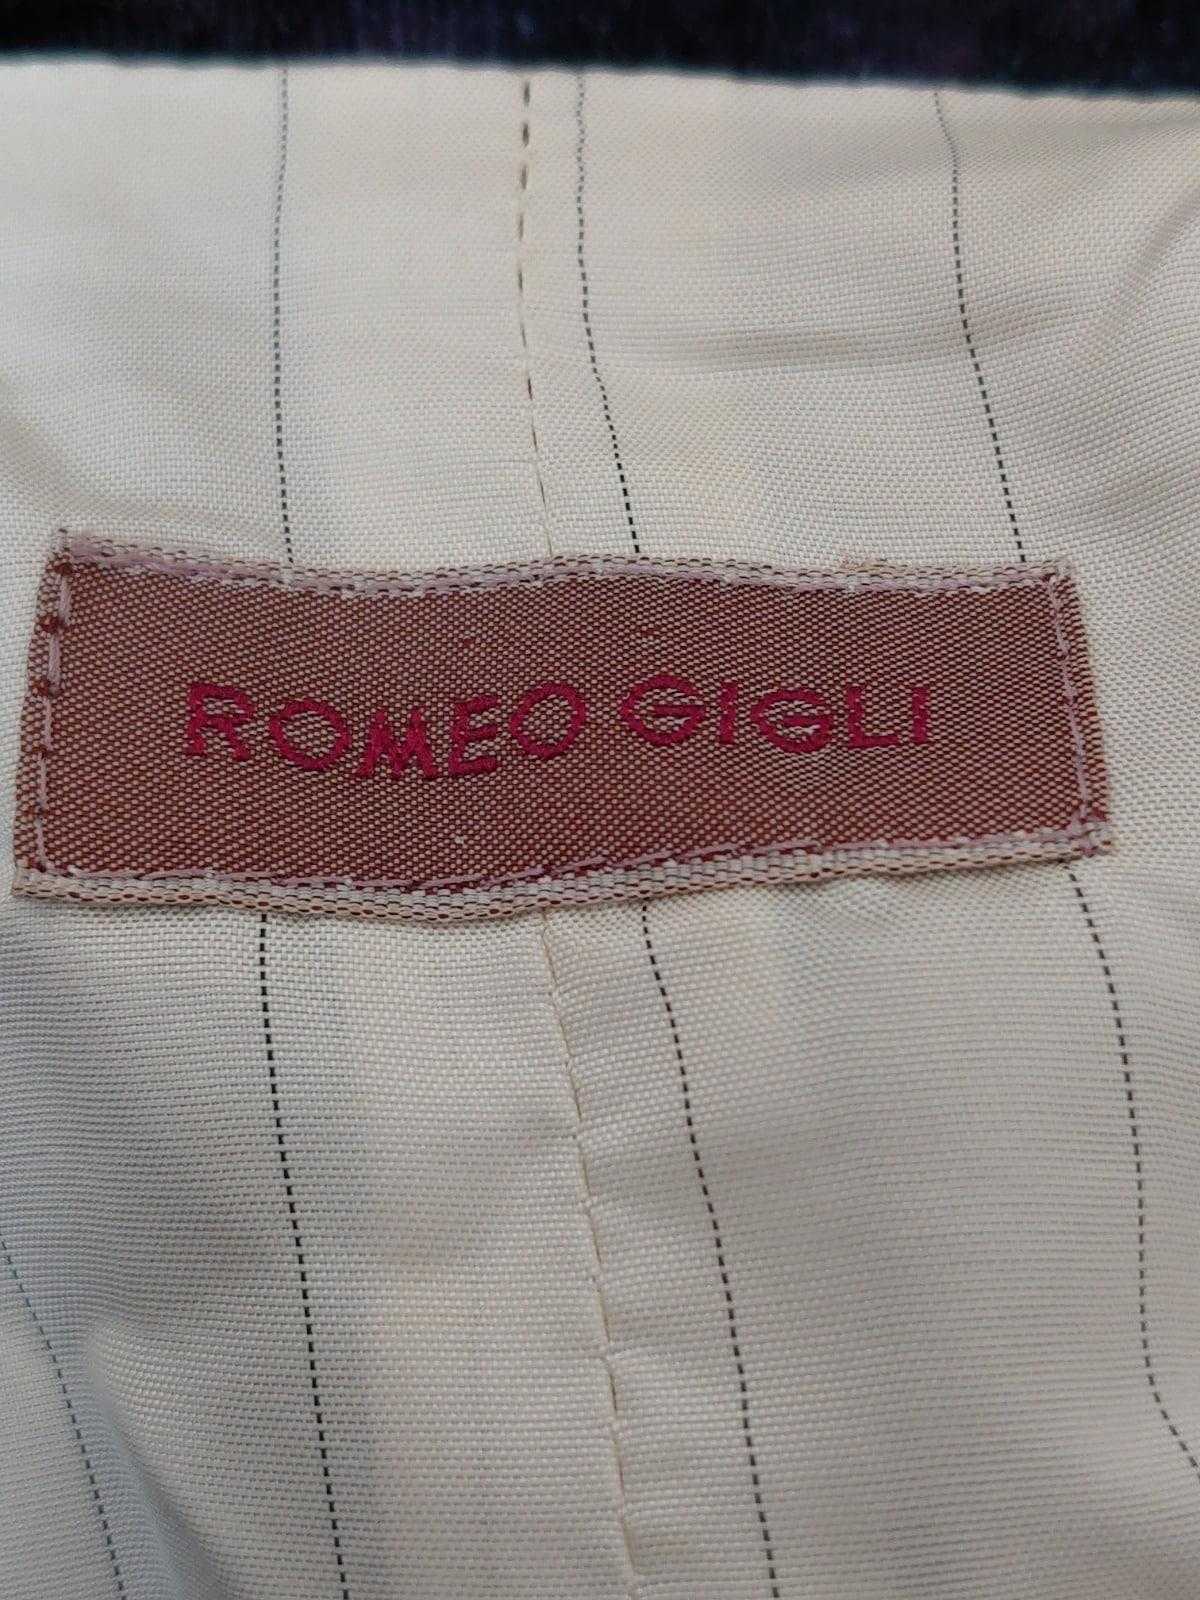 ROMEOGIGLI(ロメオジリ)のレディースパンツセットアップ